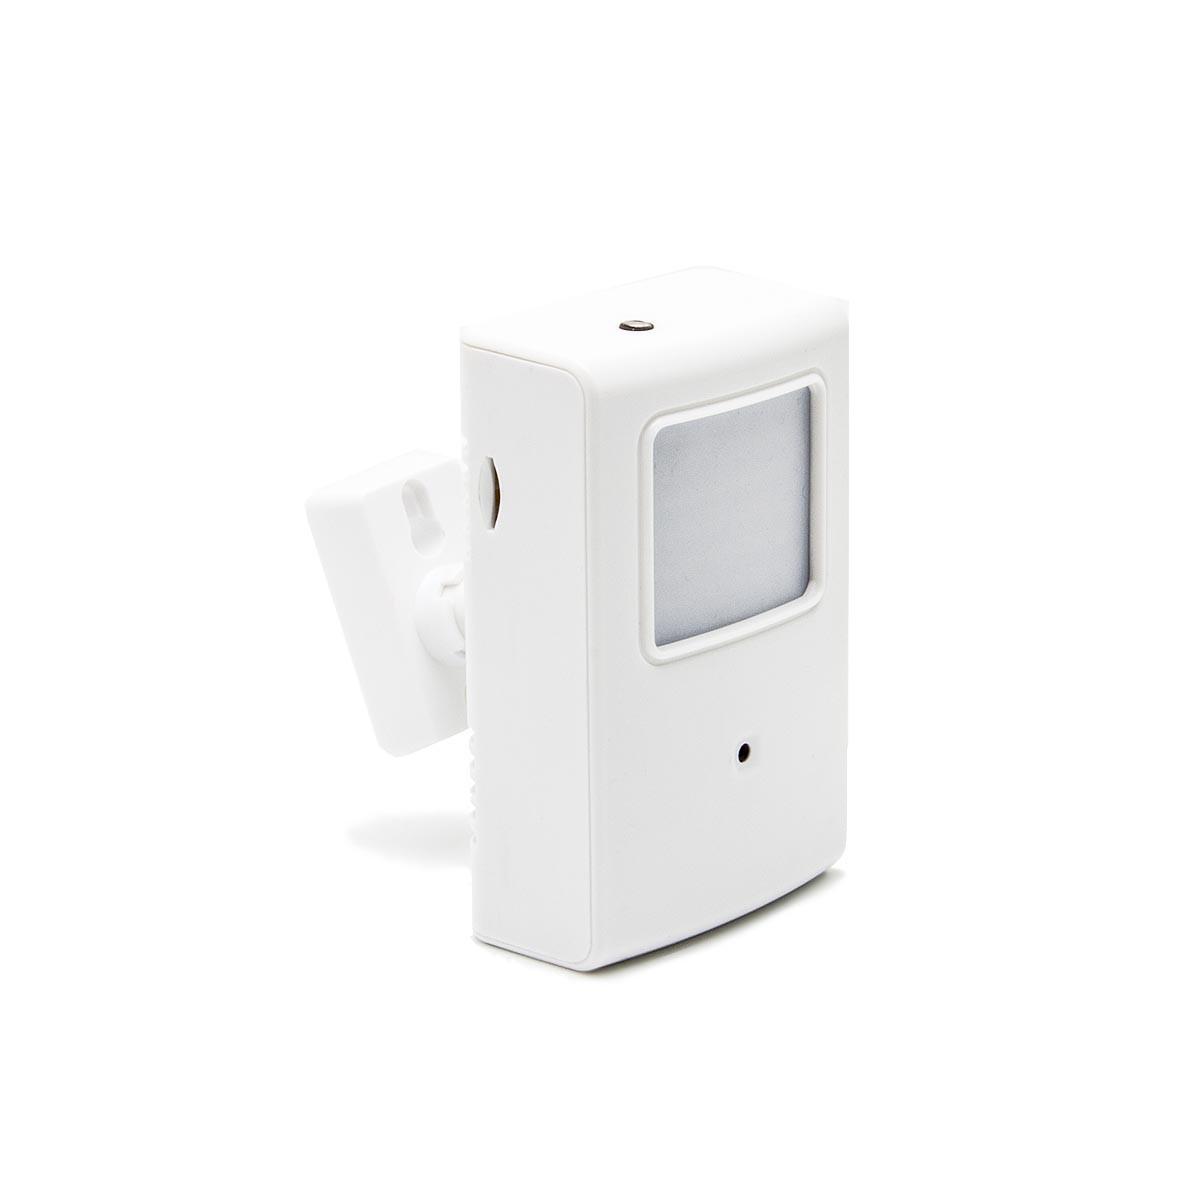 Caméra cachée détecteur IP WiFi HD 960P infrarouge invisible avec carte micro SDHC 16Go